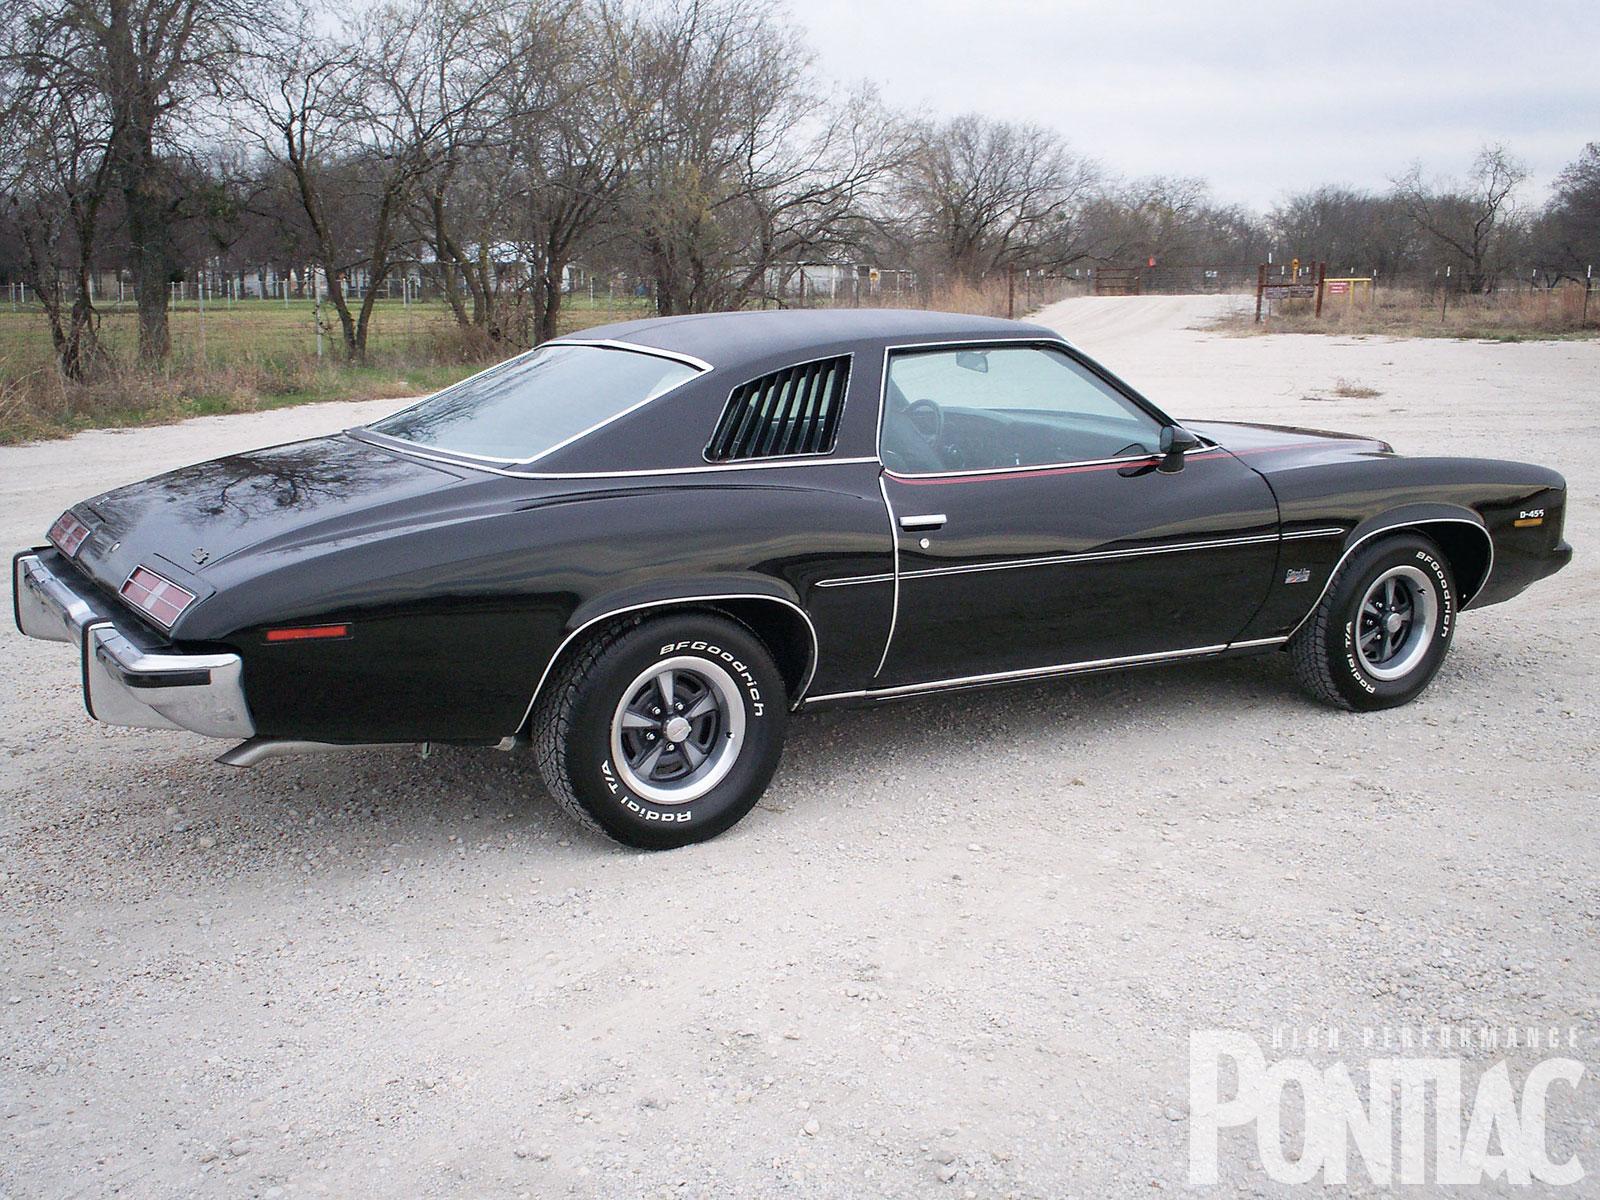 Inovatif Cars 1973 Pontiac Grand Am